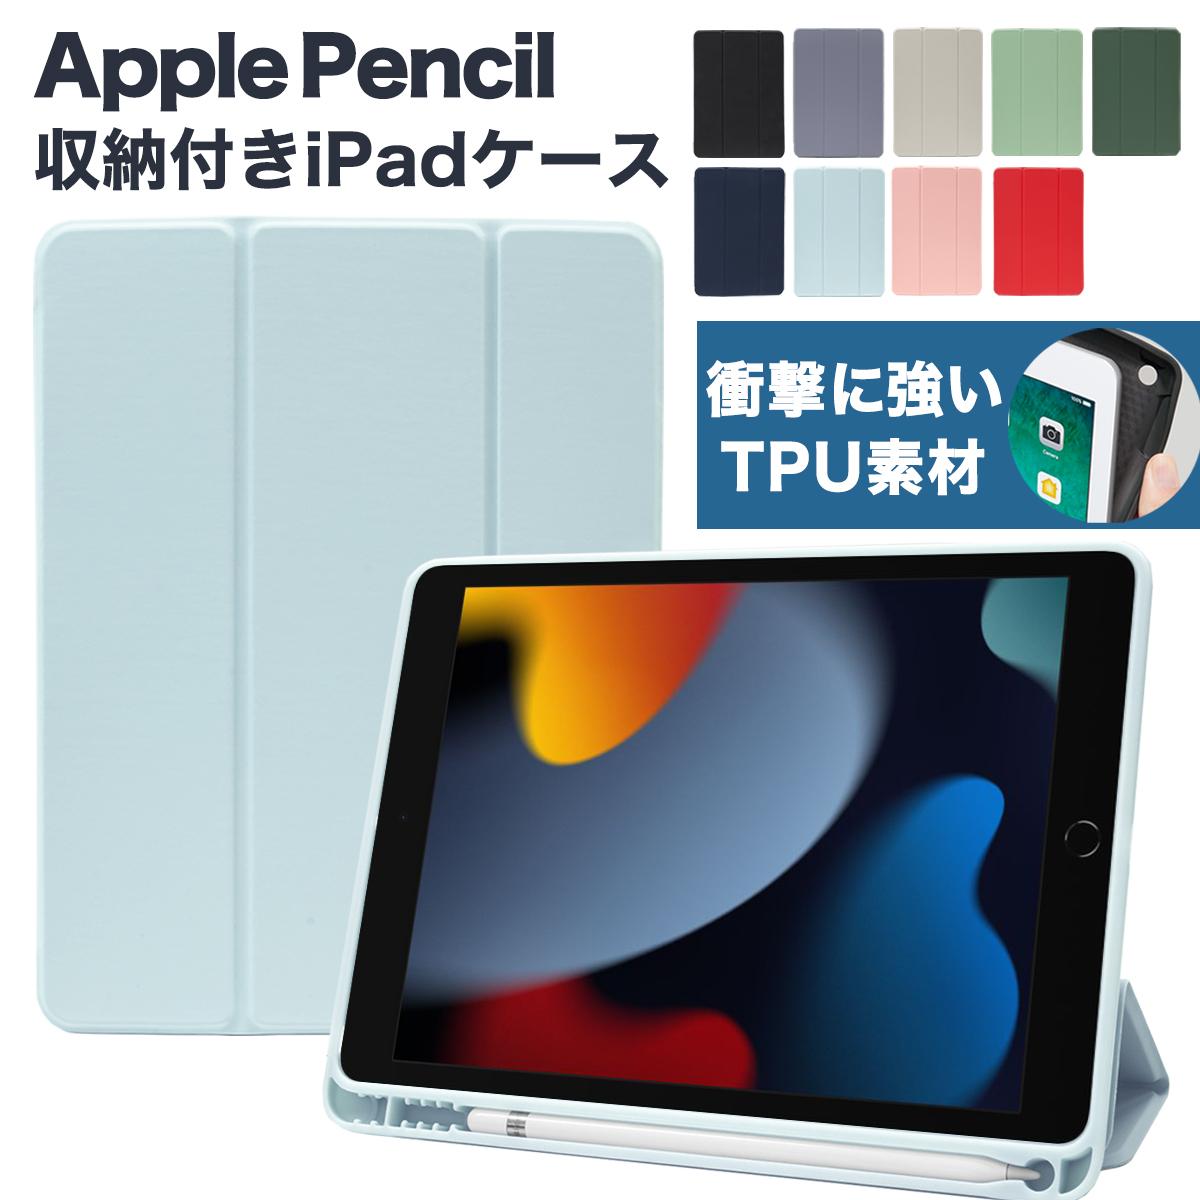 全11色 ゆうパケット送料無料 耐衝撃の高い素材でiPad本体を保護 アップルペンシル ホルダー 付き ケース 新型 2021年発売モデル 対応 iPad 数量限定 iPad10.2 iPad9.7 Air4 2021 新型対応 ペン収納付き 2018 mini5 11インチ 9.7 カバー Pro 2020 2019 A2270 第9世代 10.2 第8世代 12.9 割り引き アイパッドケース Air mini Air3